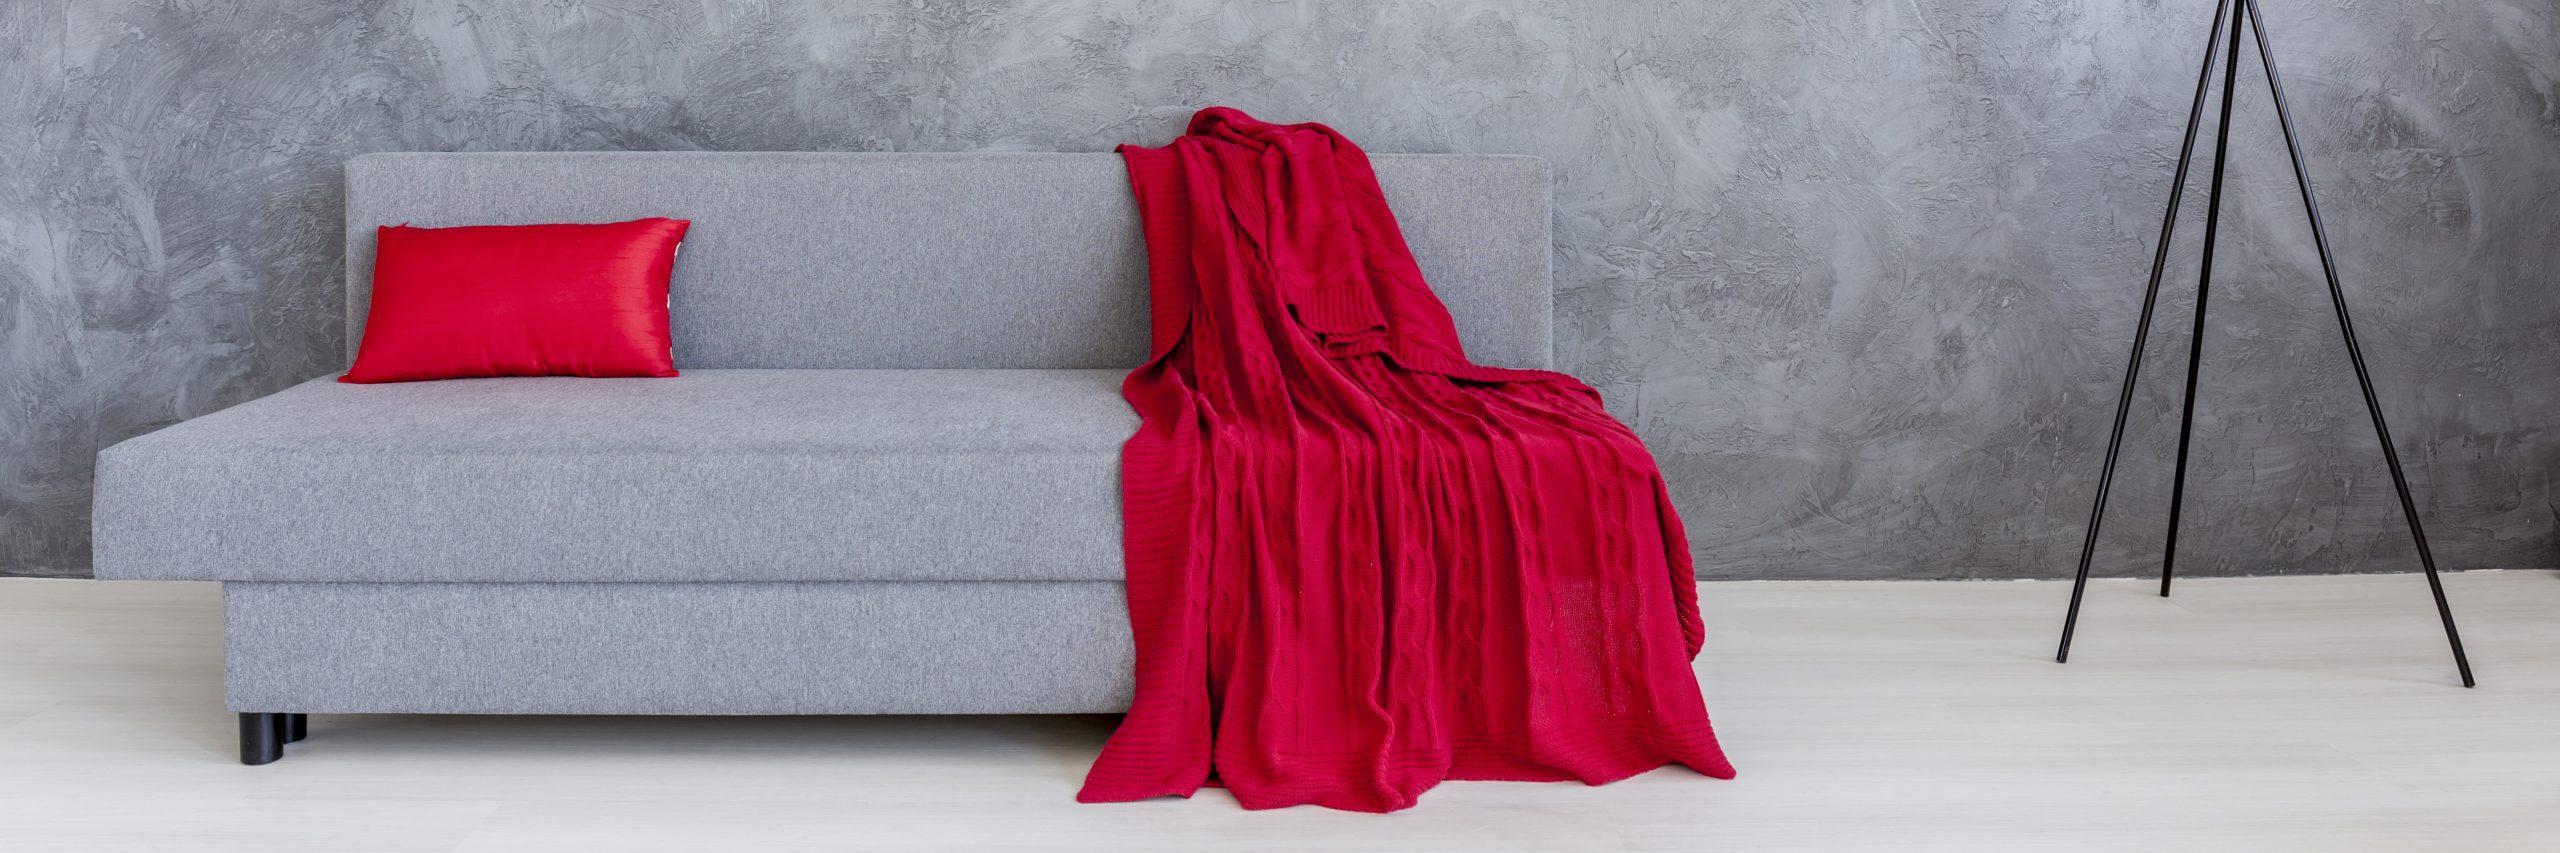 Les 3 meilleures housses de canapé – comparatif et avis